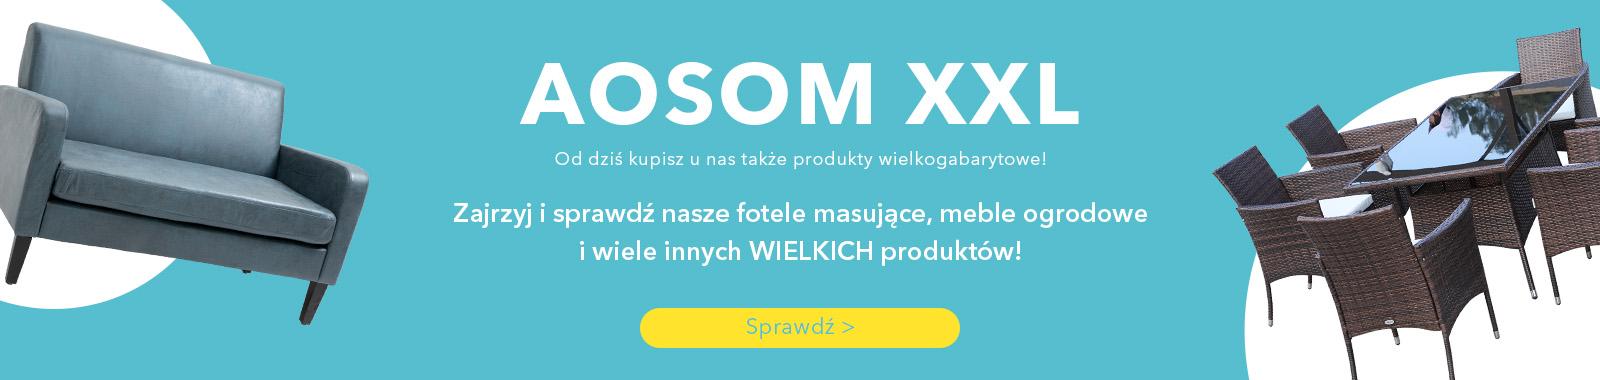 AOSOM XXL  Od dziś kupisz u nas także produkty wielkogabarytowe!